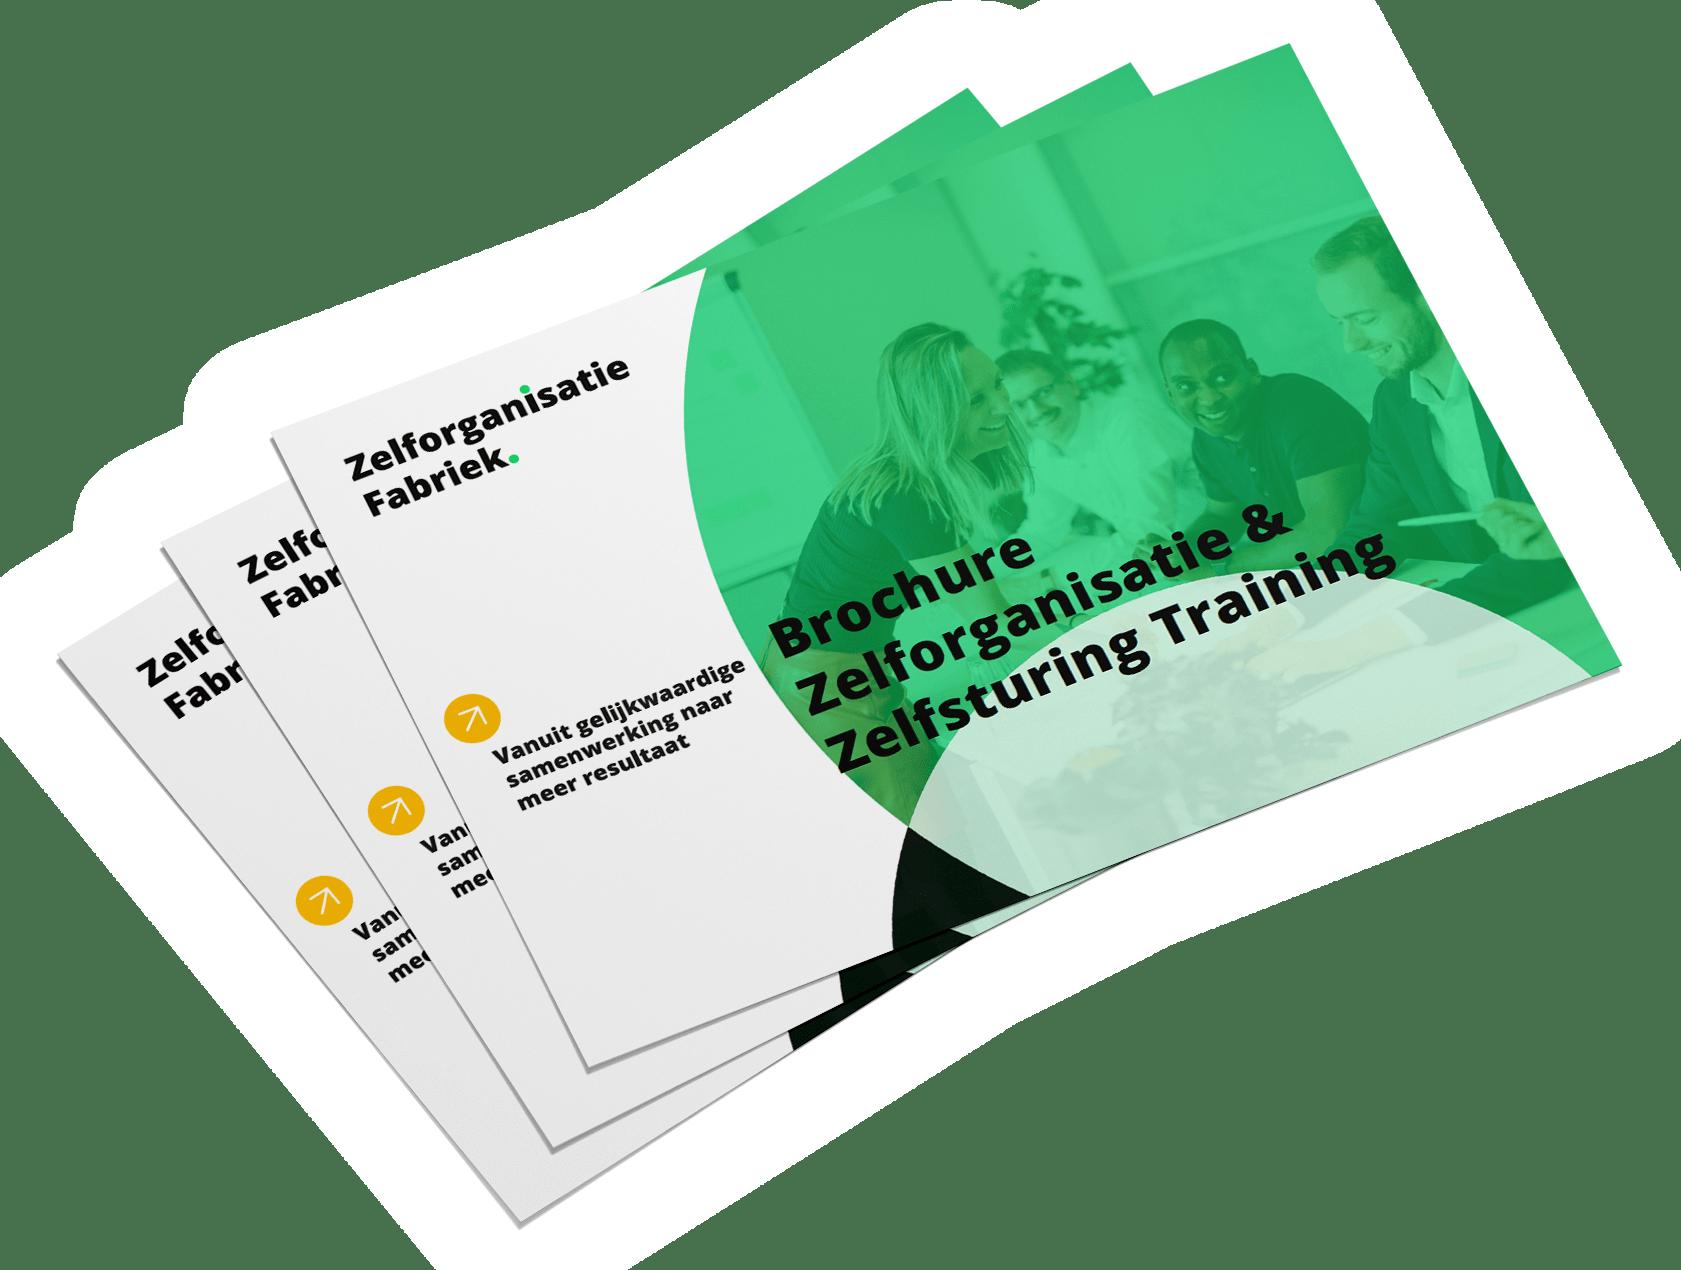 Zelfsturing-Zelforganisatie-trainingsbrochure